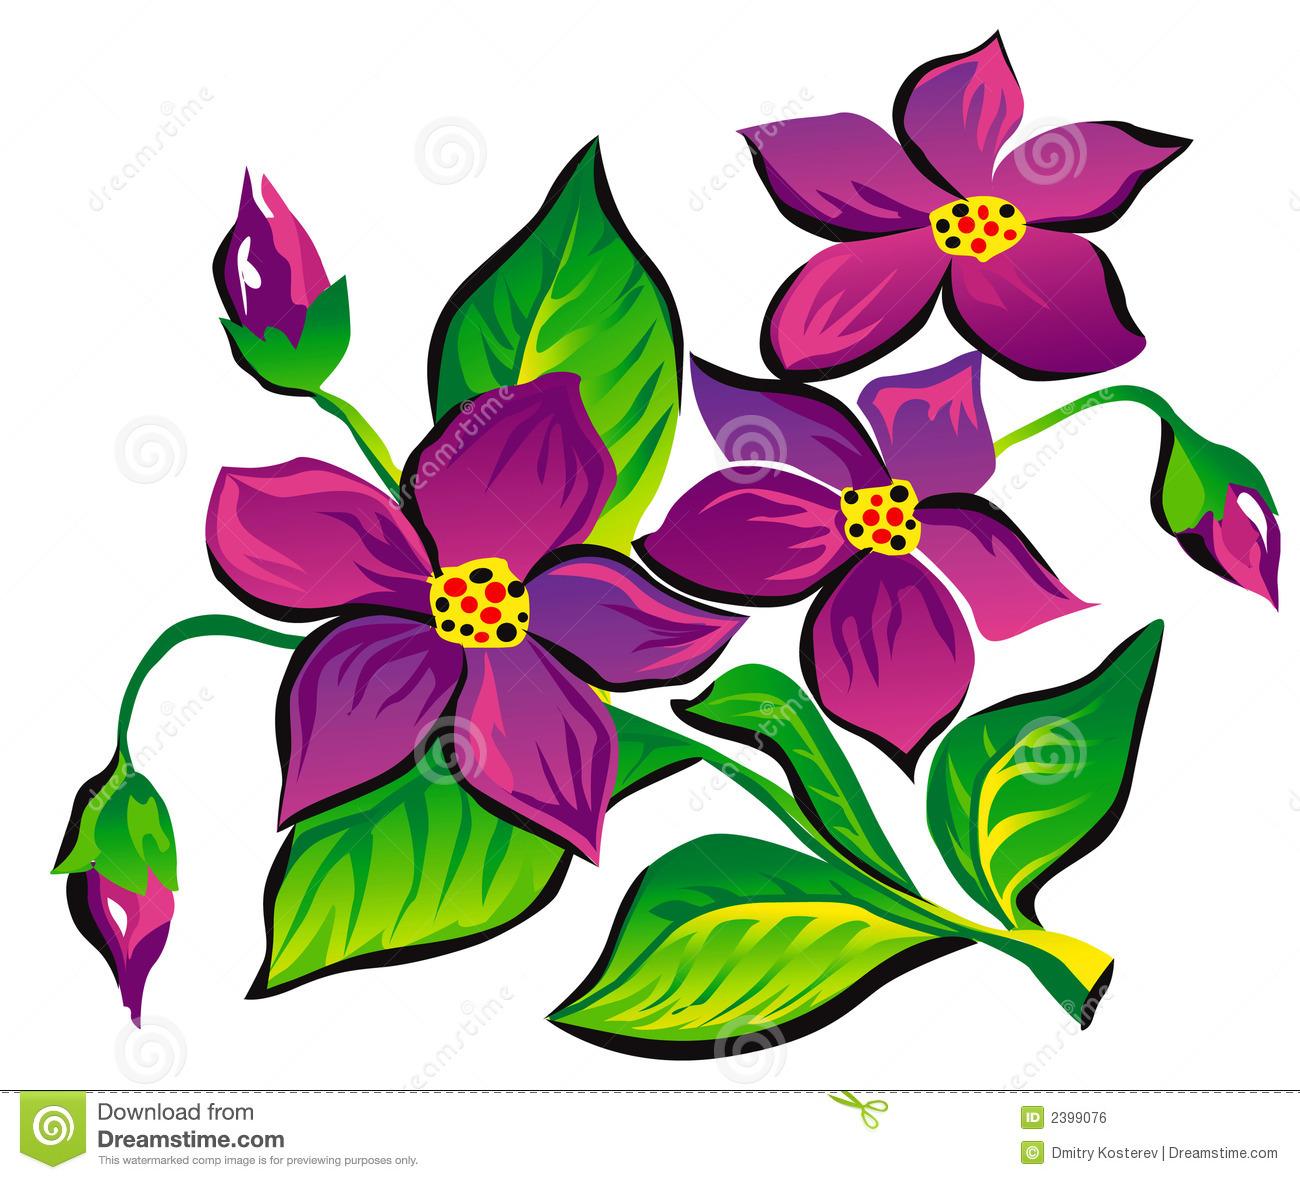 violet flower clip art #21.